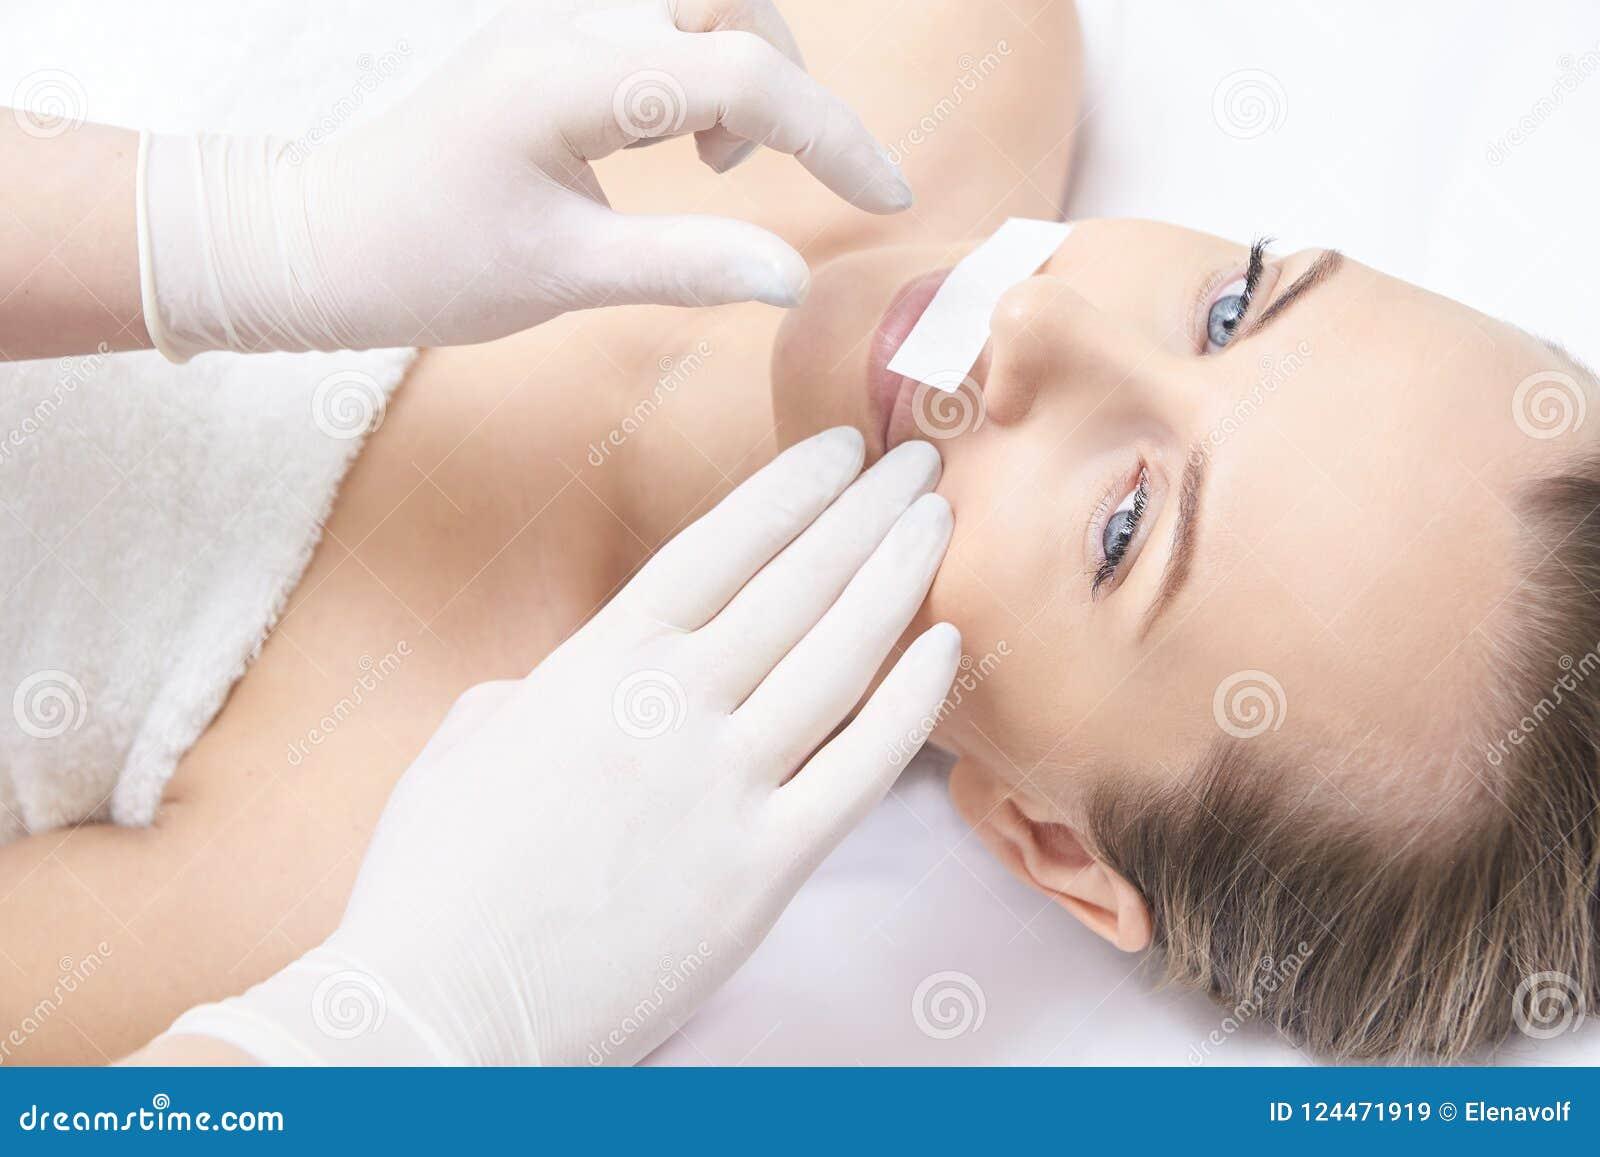 给妇女腿打蜡 糖头发撤除 激光服务epilation 沙龙蜡美容师做法